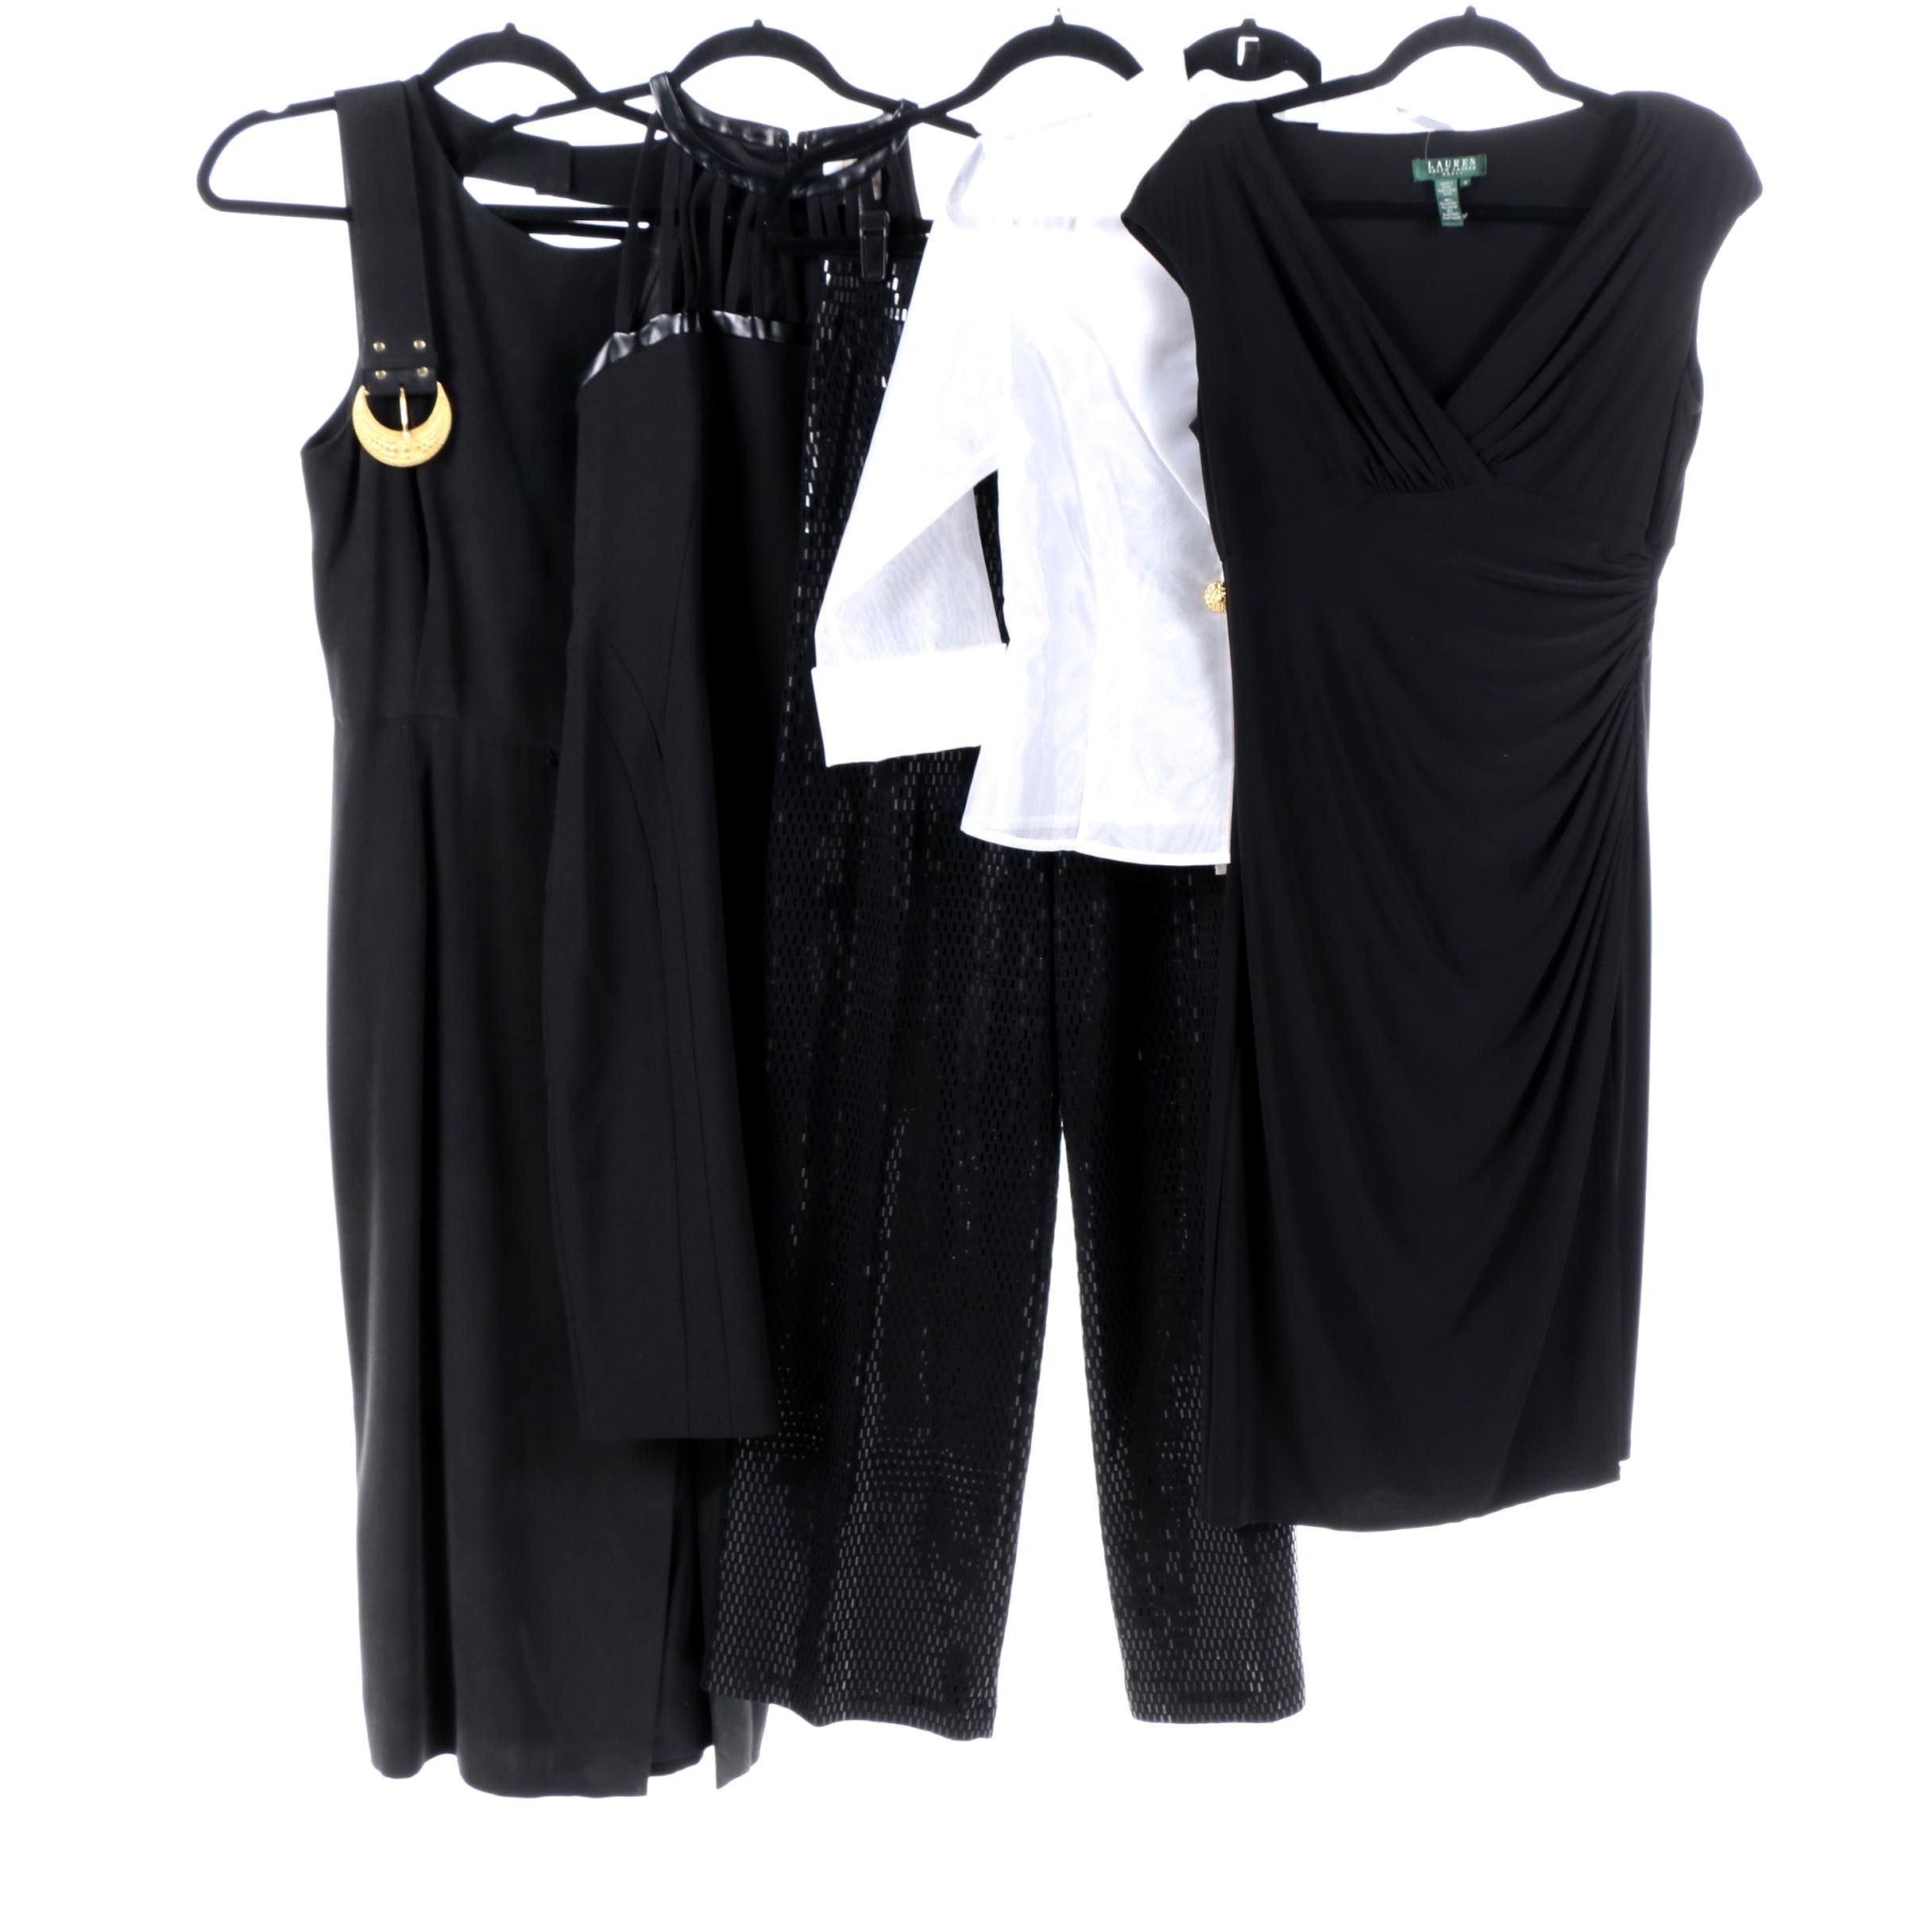 Women's Evening Clothing Including St. John, Dana Buchman, Lauren Ralph Lauren